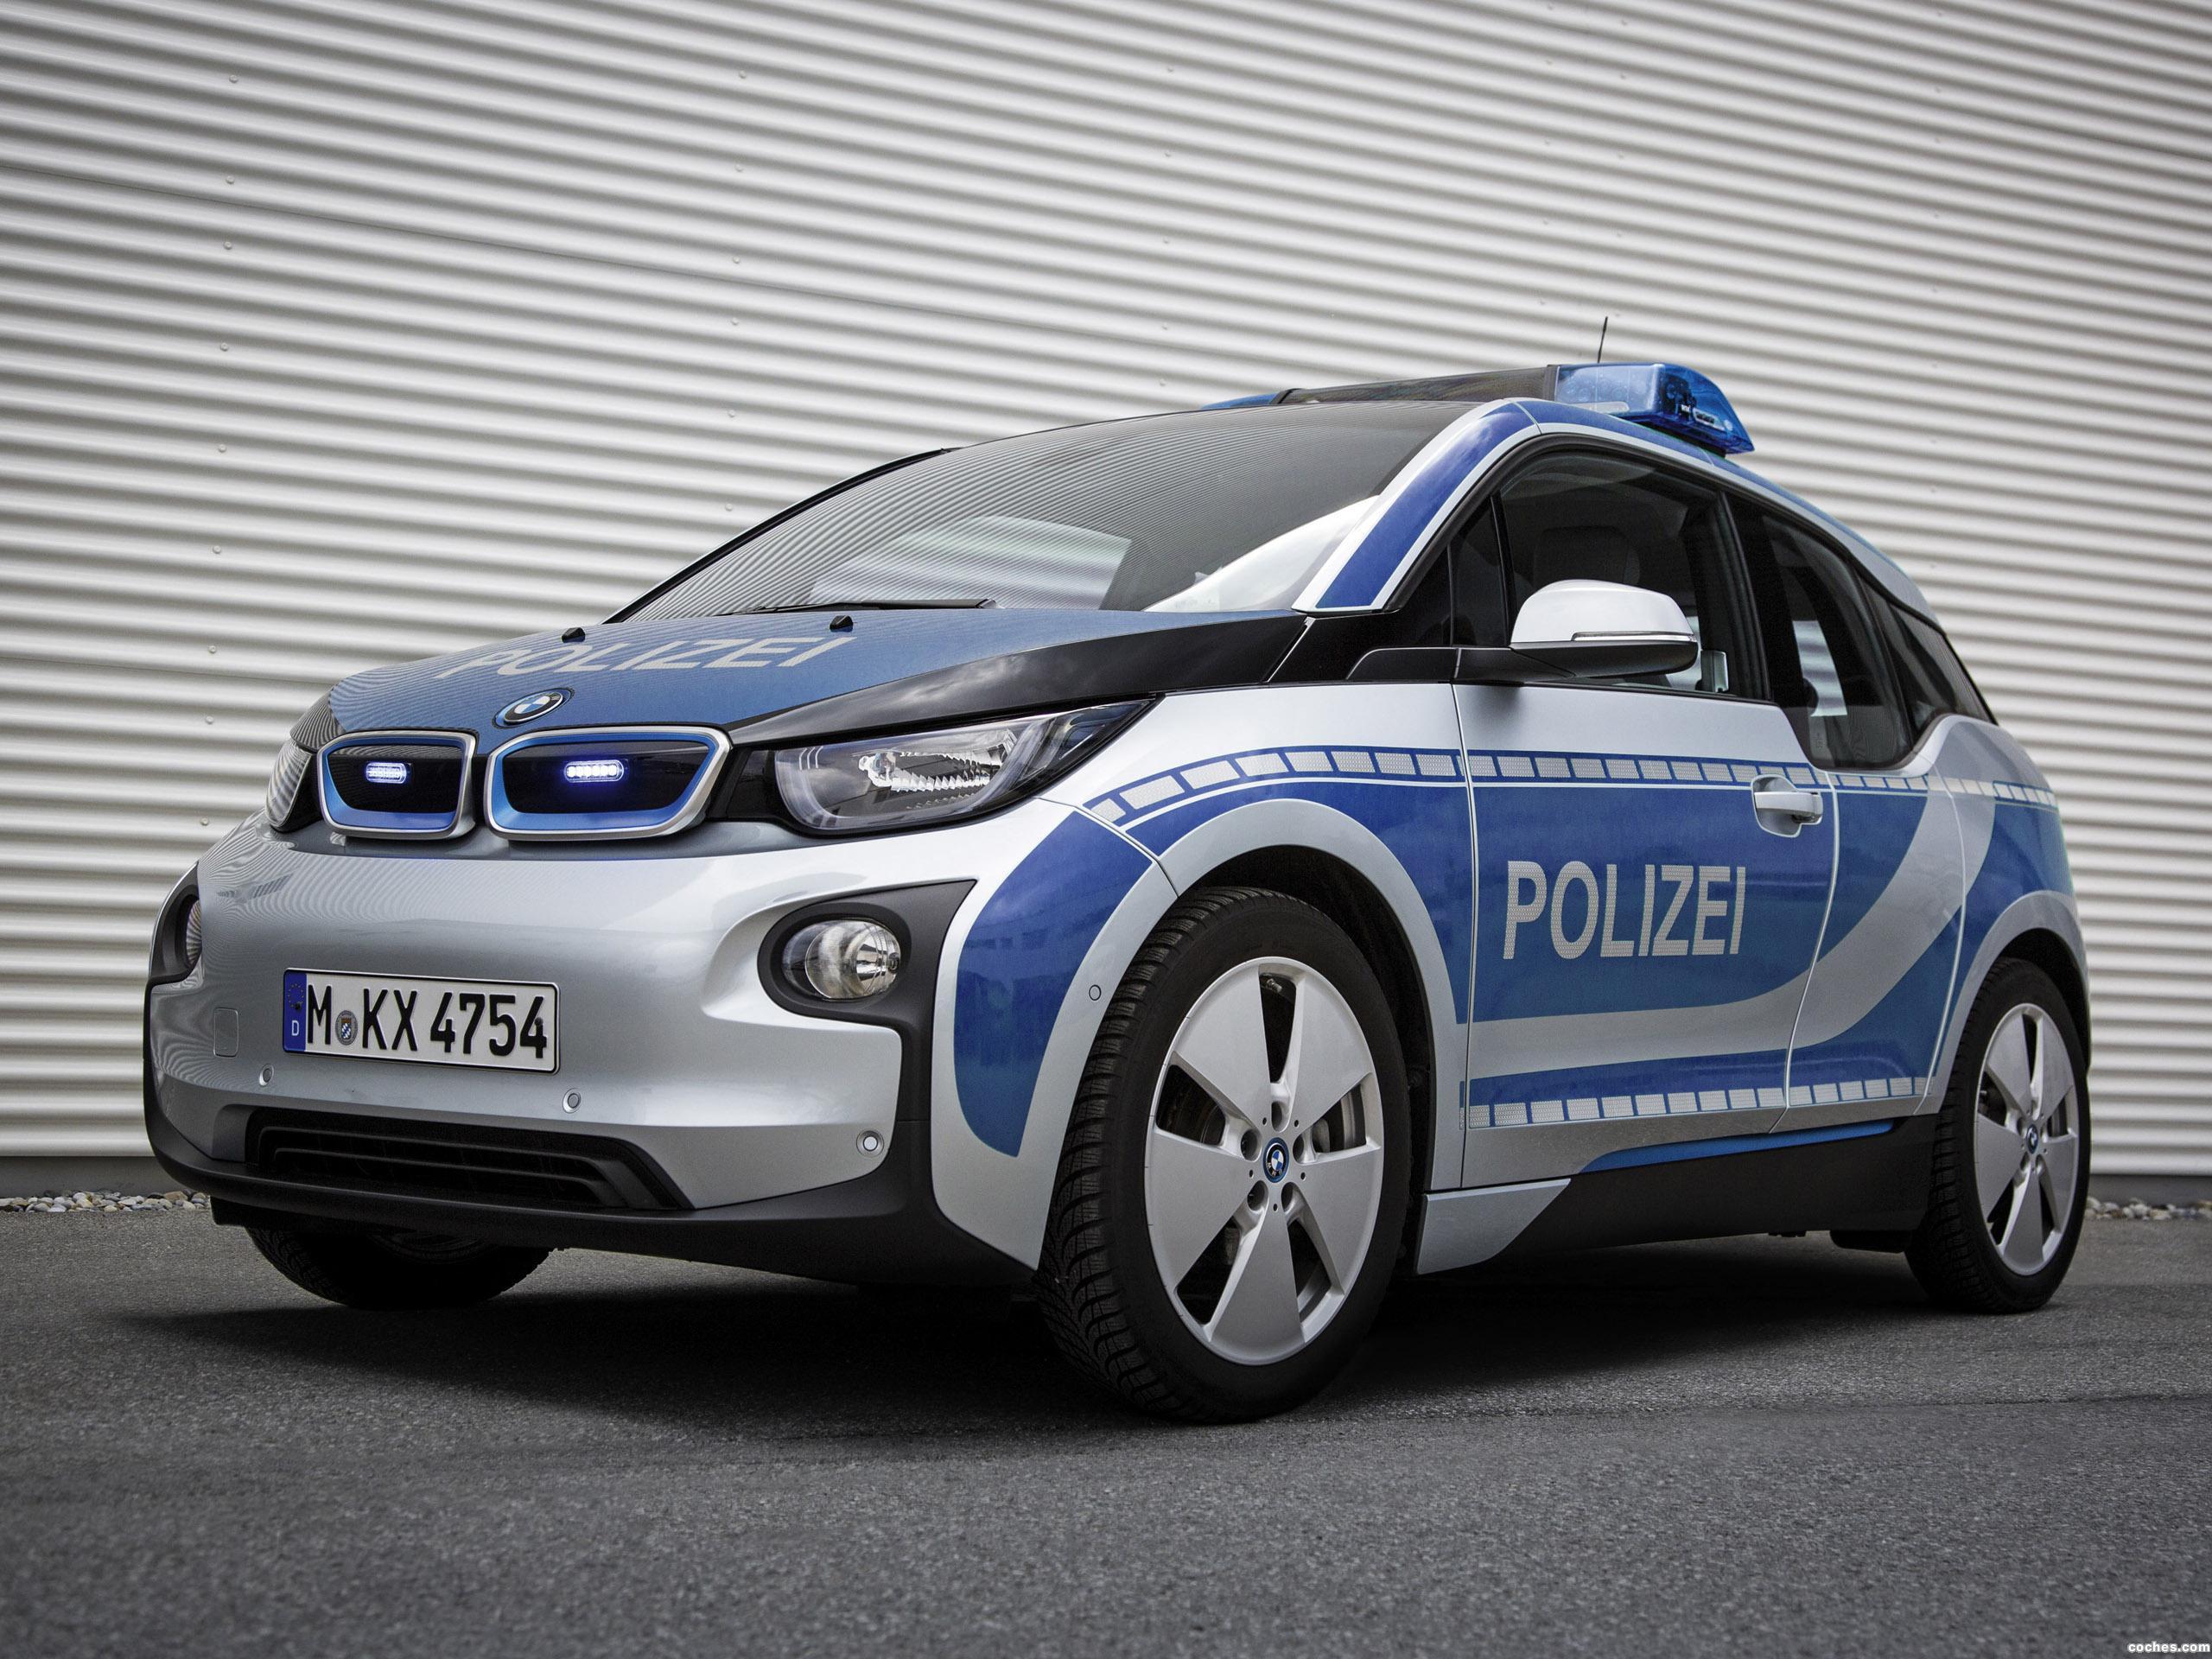 Foto 0 de BMW i3 Polize 2015